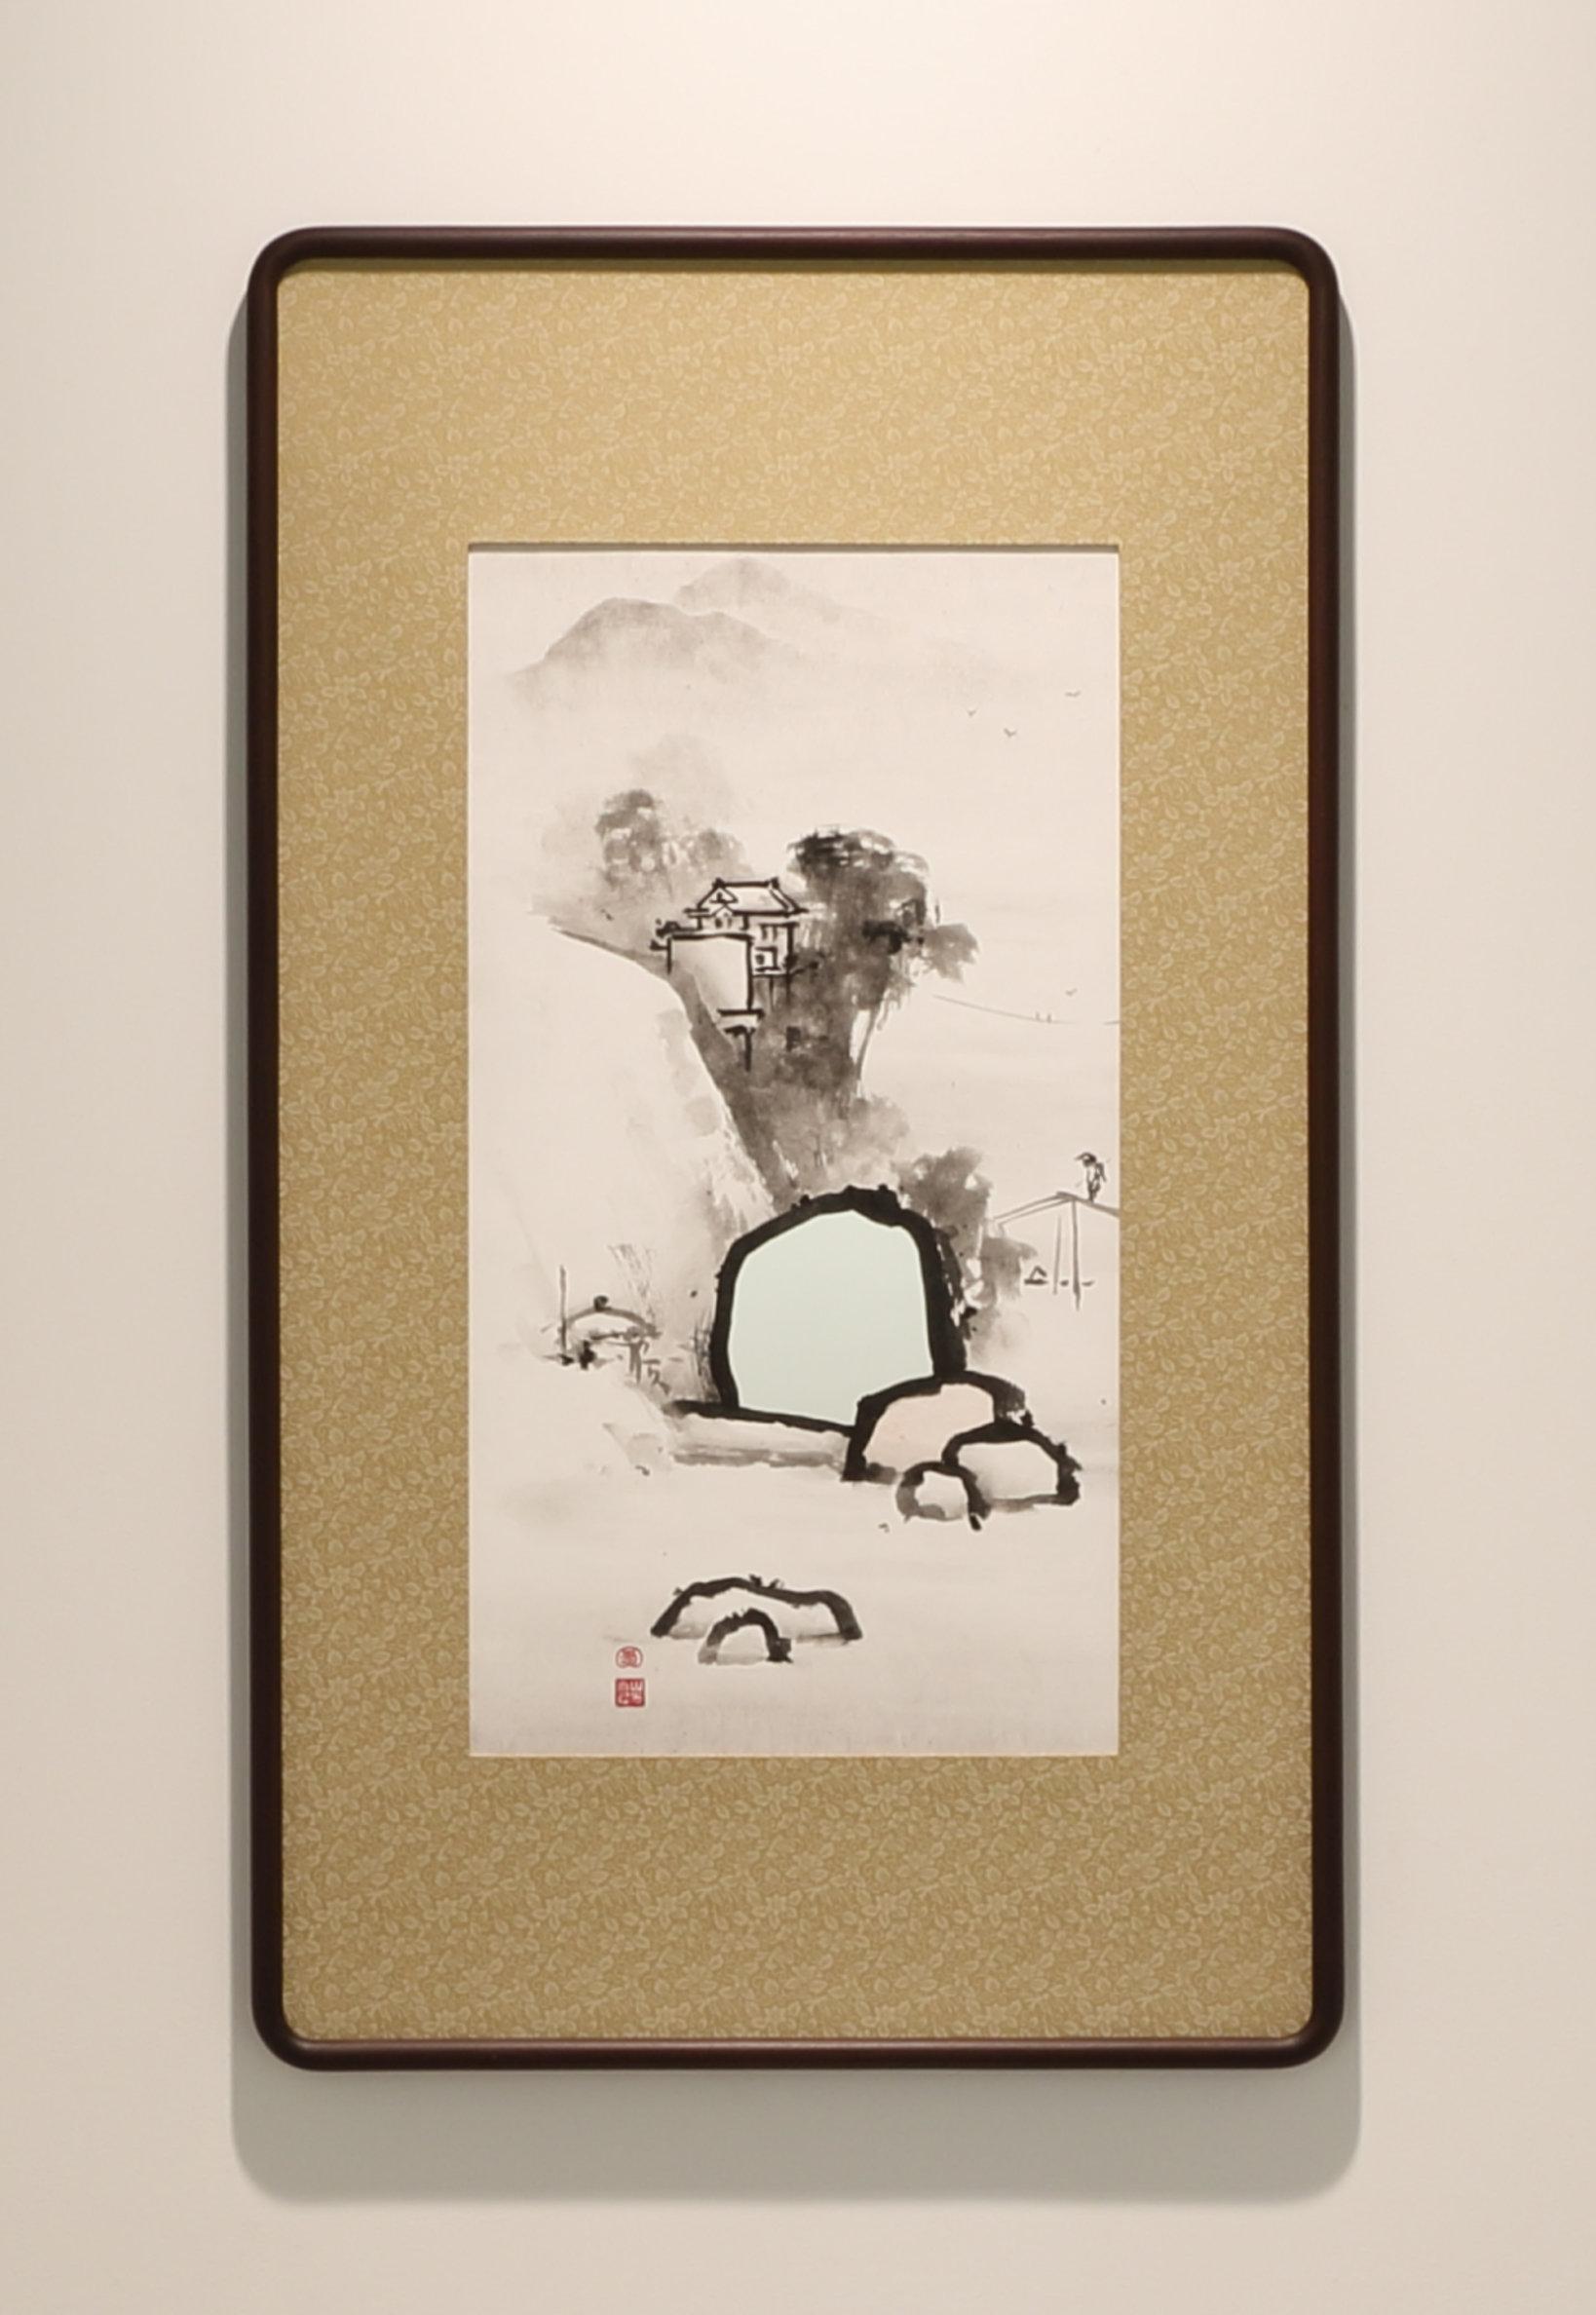 山水圖(雲谷派写し) 2016 ミクストメディア 98 x 58.3 cm  撮影:宮島径 ©︎YAMAGUCHI Akira, Courtesy of Mizuma Art Gallery